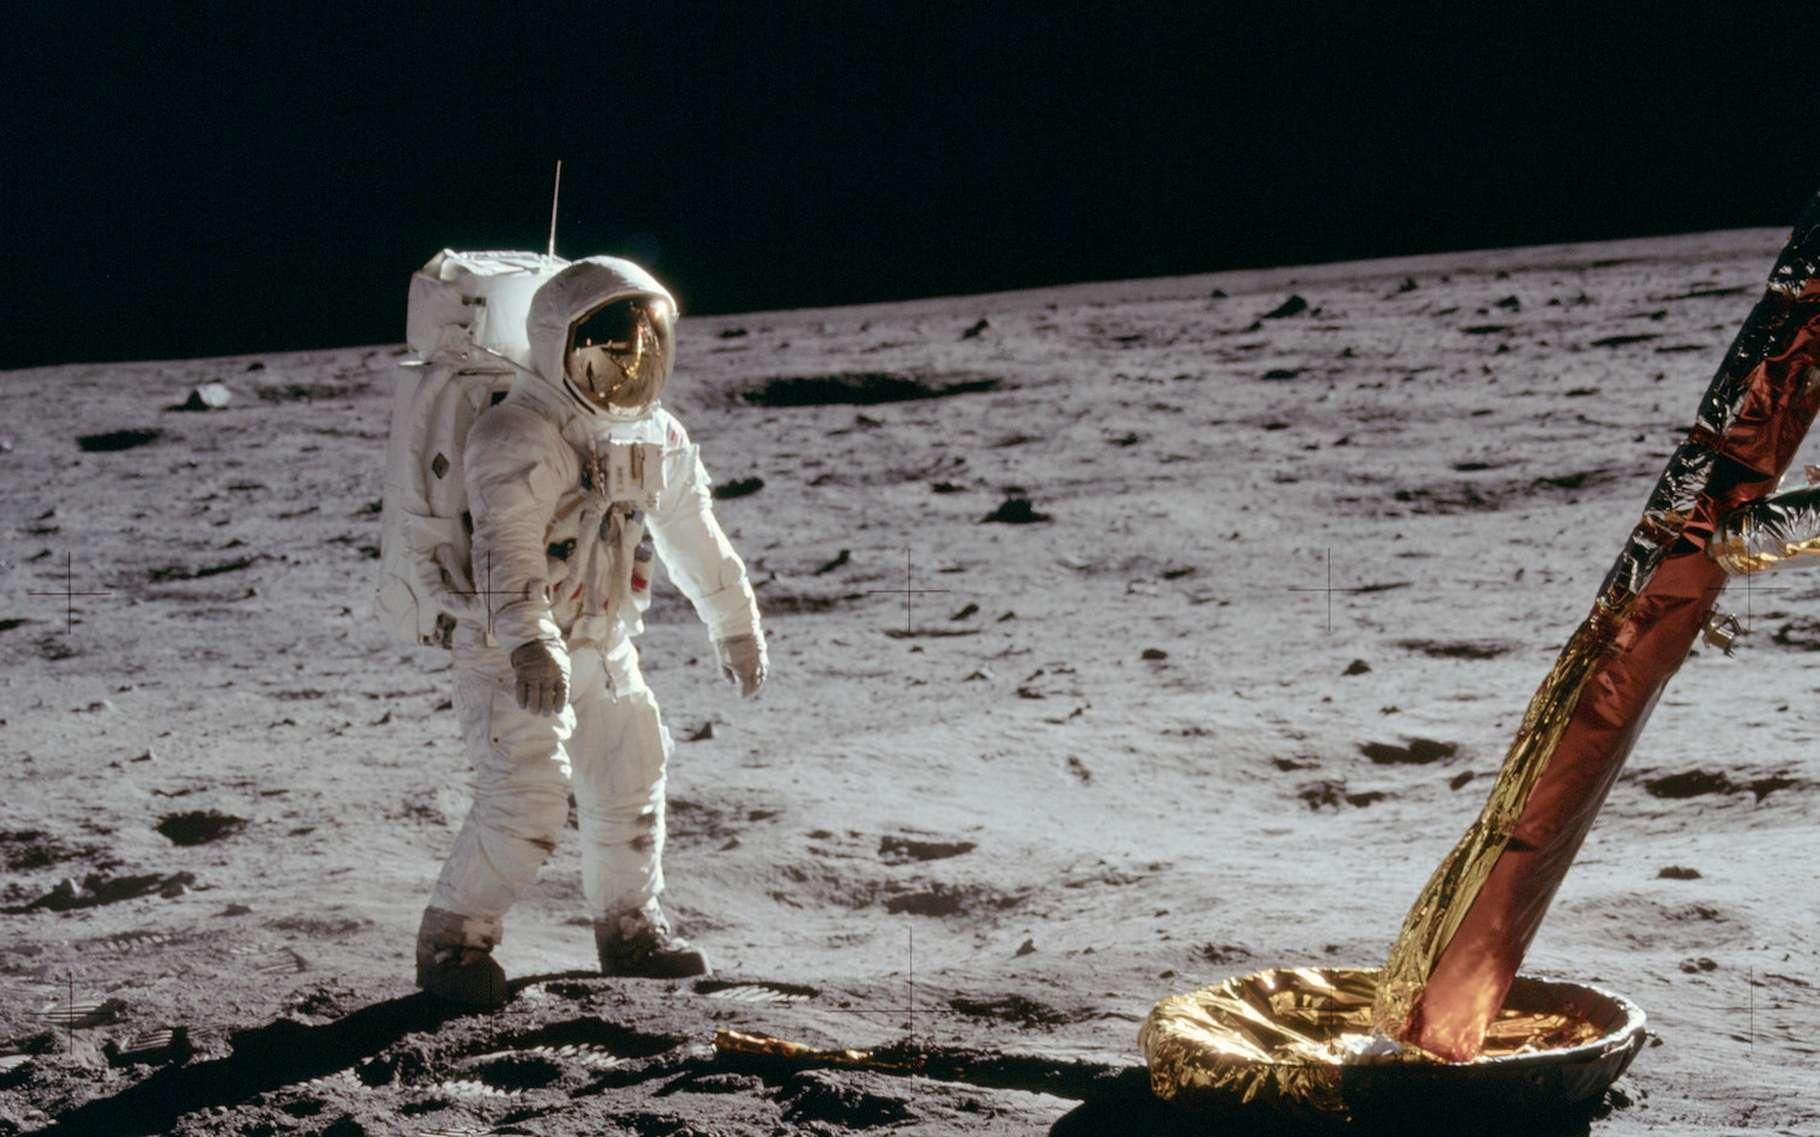 Buzz Aldrin le 21 juillet 1969, photographié par Neil Armstrong. © Nasa